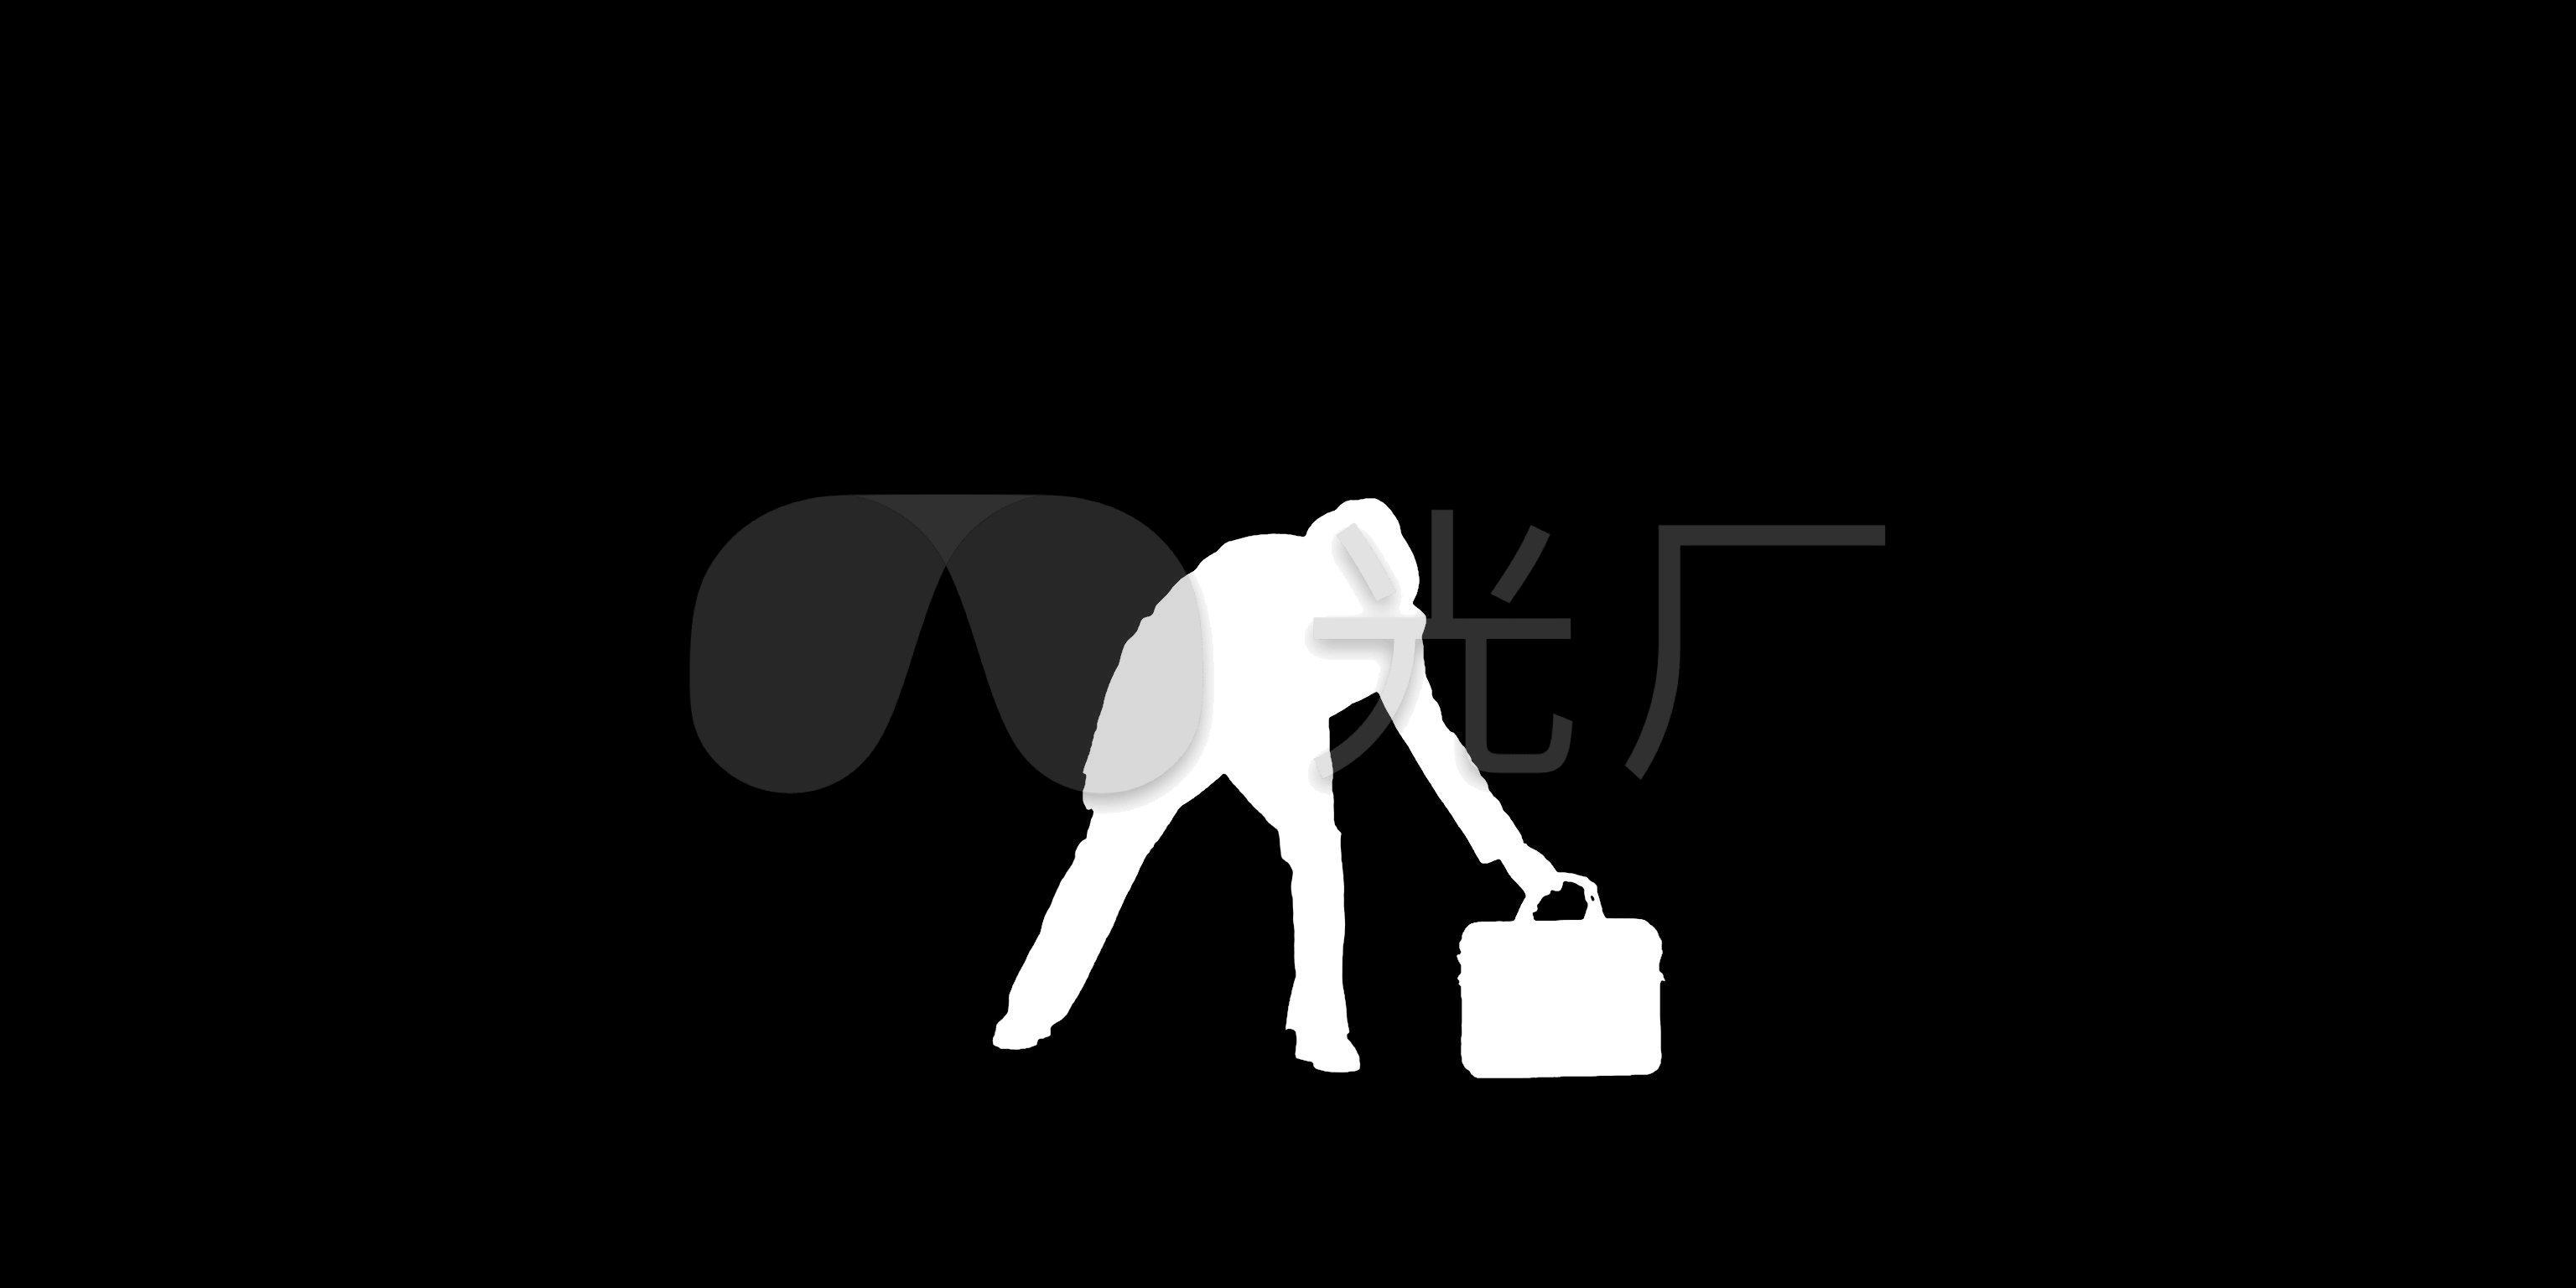 佣金视频黑白男人跳舞抠像动态_3072X1536_视频发剪影图片